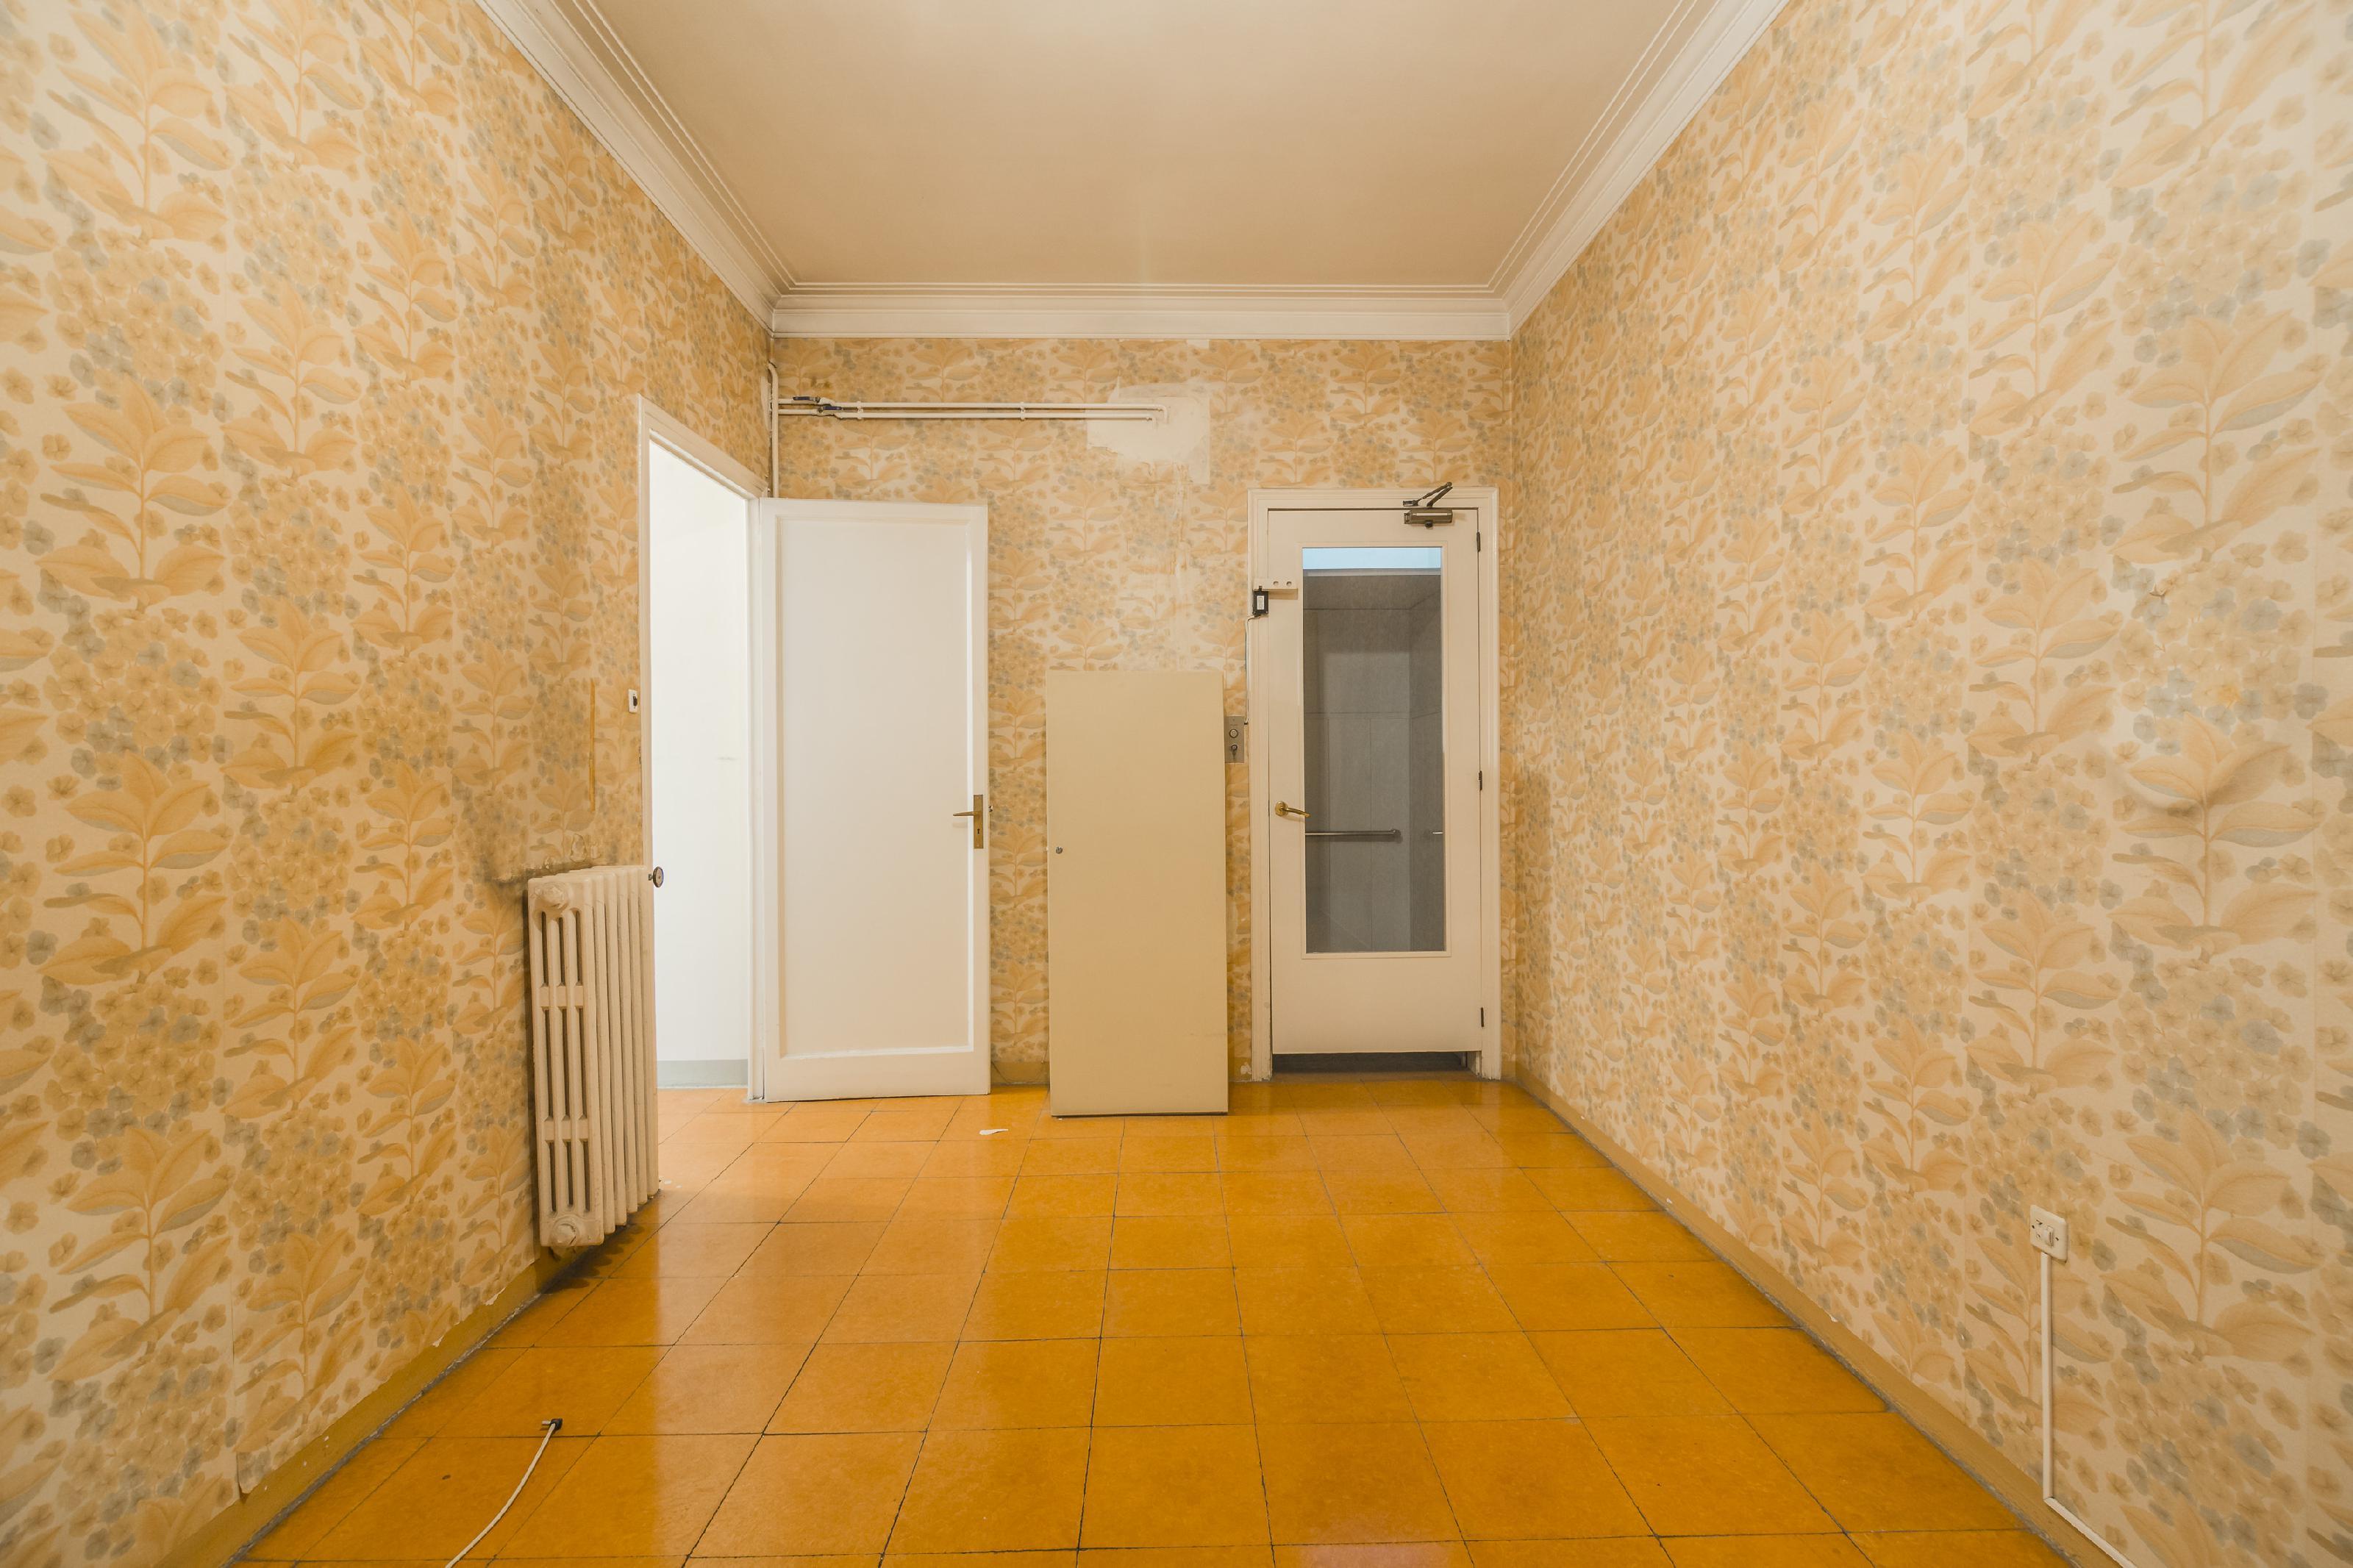 246643 Penthouse for sale in Sarrià-Sant Gervasi, St. Gervasi-Bonanova 23